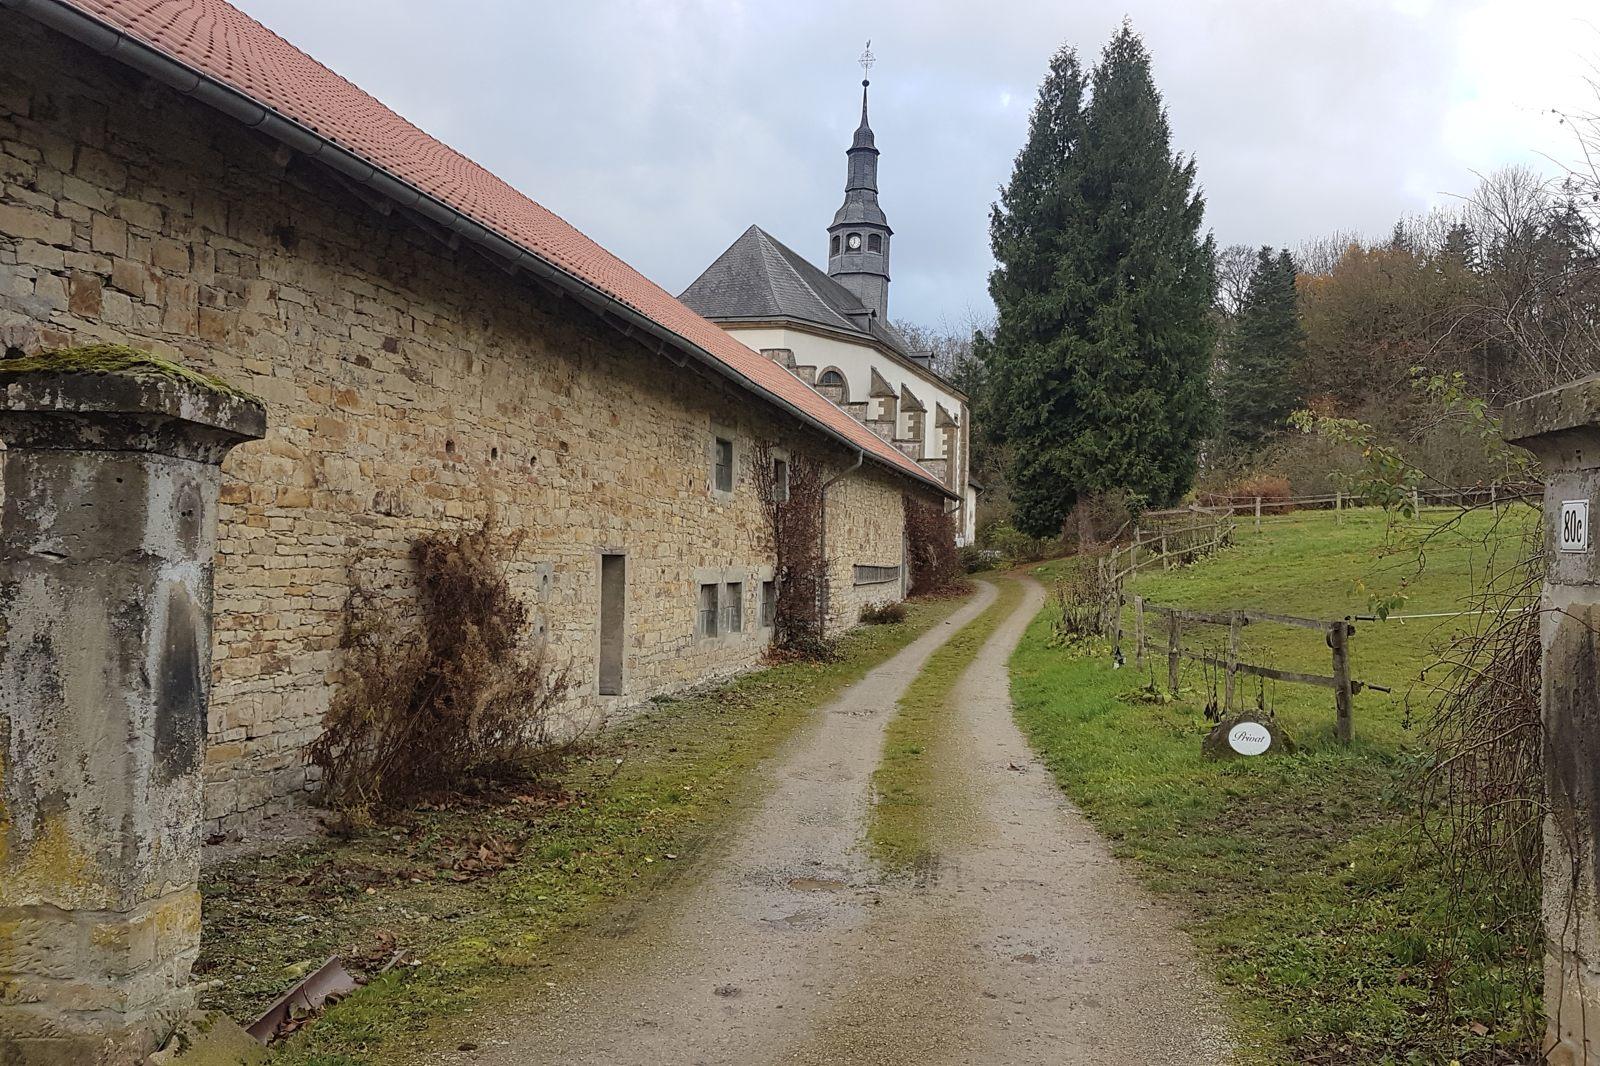 Idylle in Holthausen im Nov. 2020